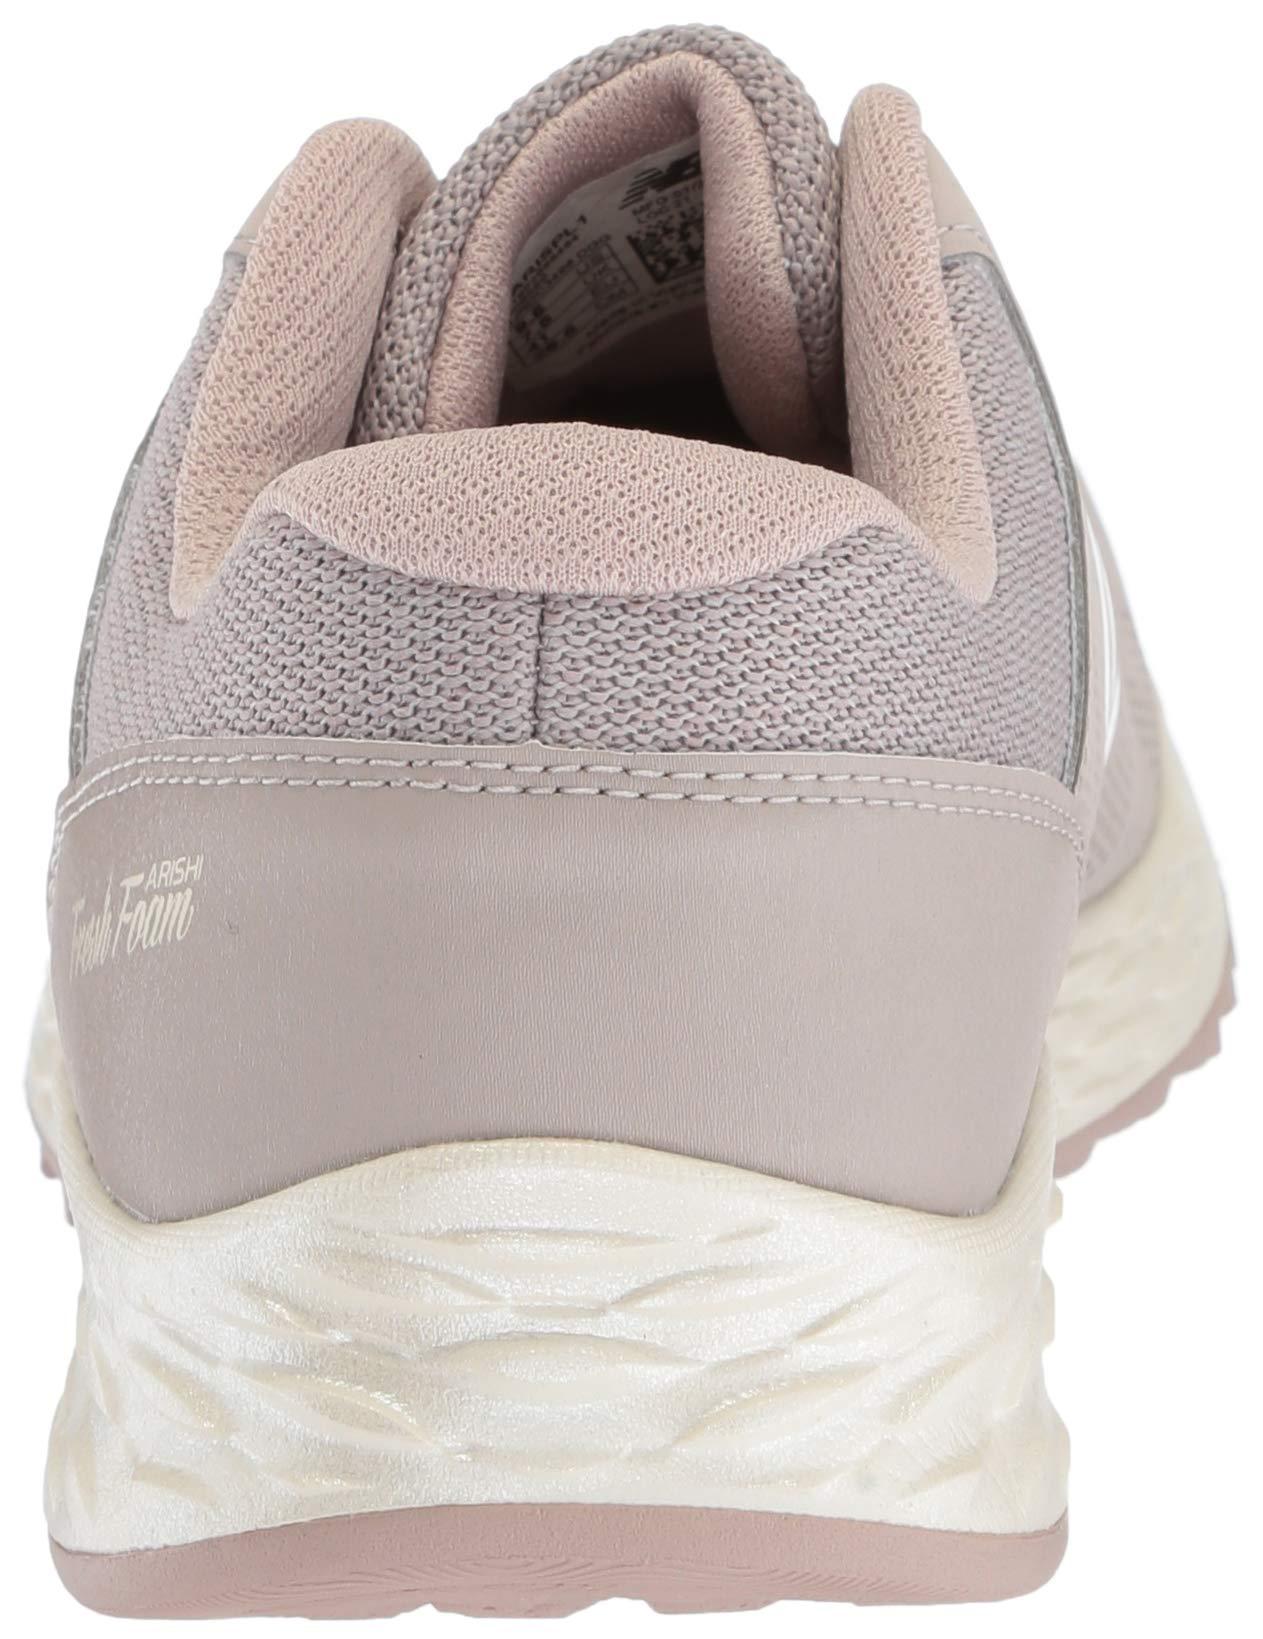 New Balance Women's Fresh Foam Arishi V1 Running Shoe, Flat White/au Lait 5 B US by New Balance (Image #2)